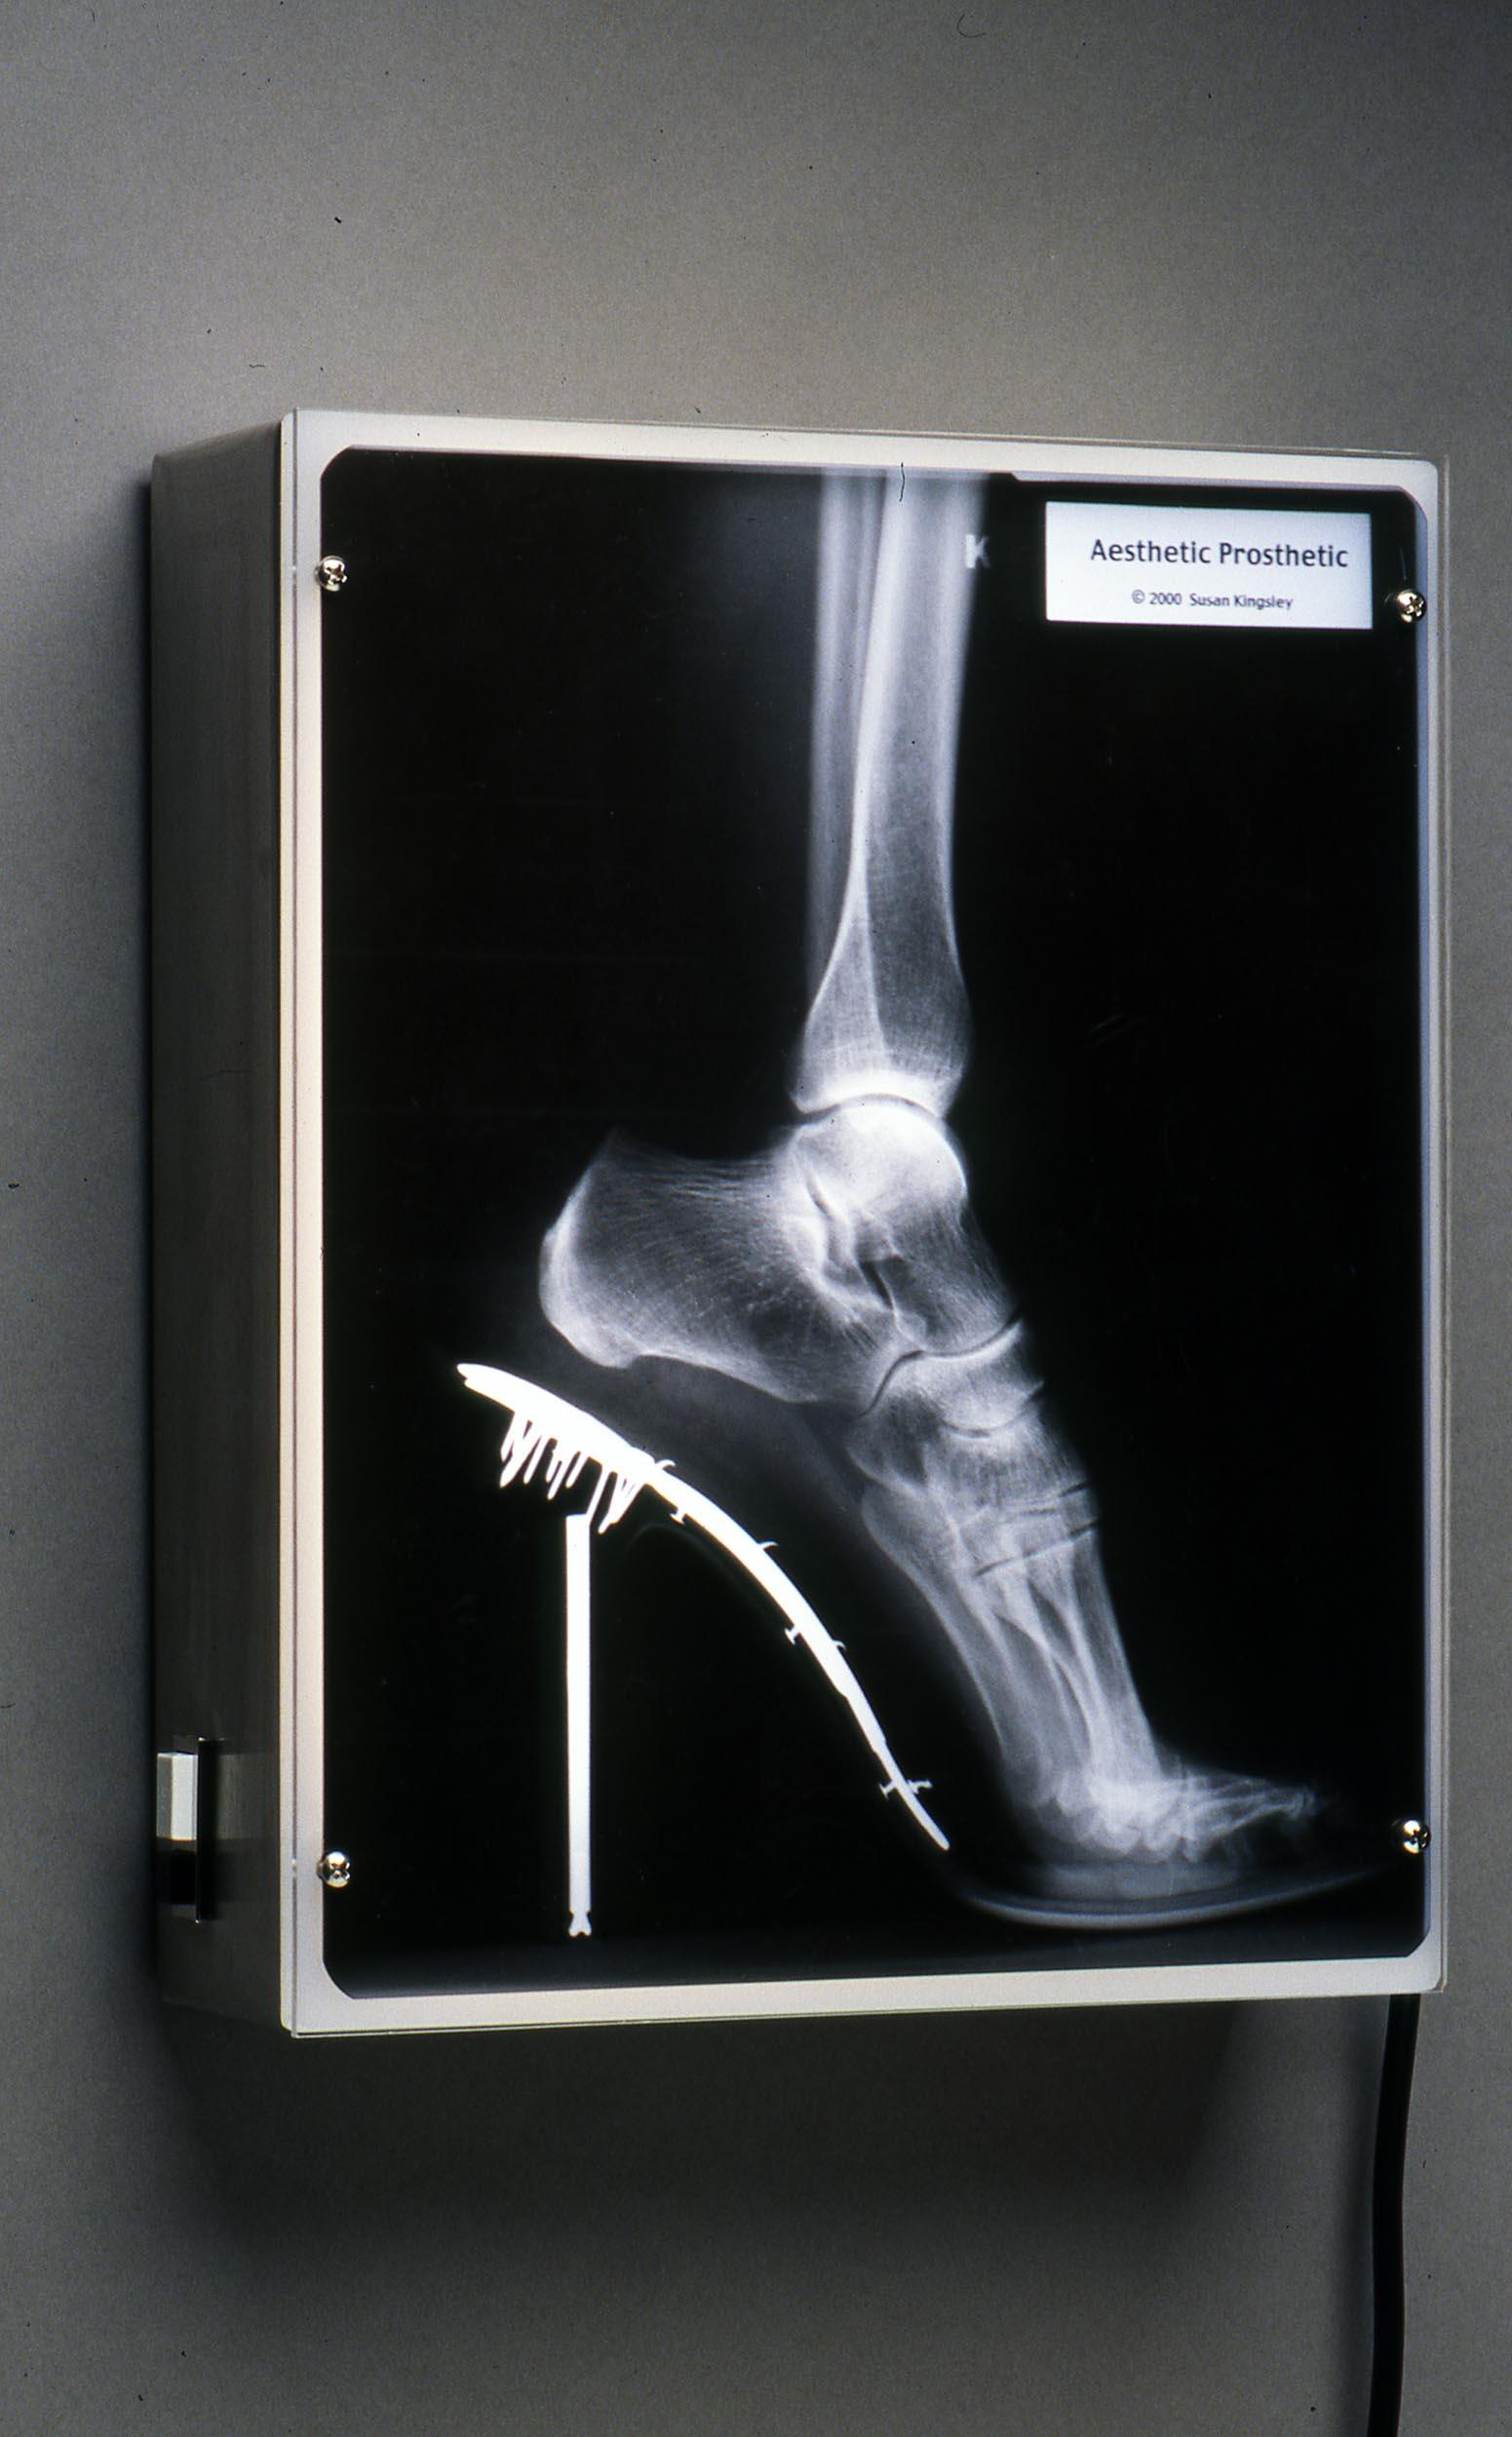 Aesthetic Prosthetic